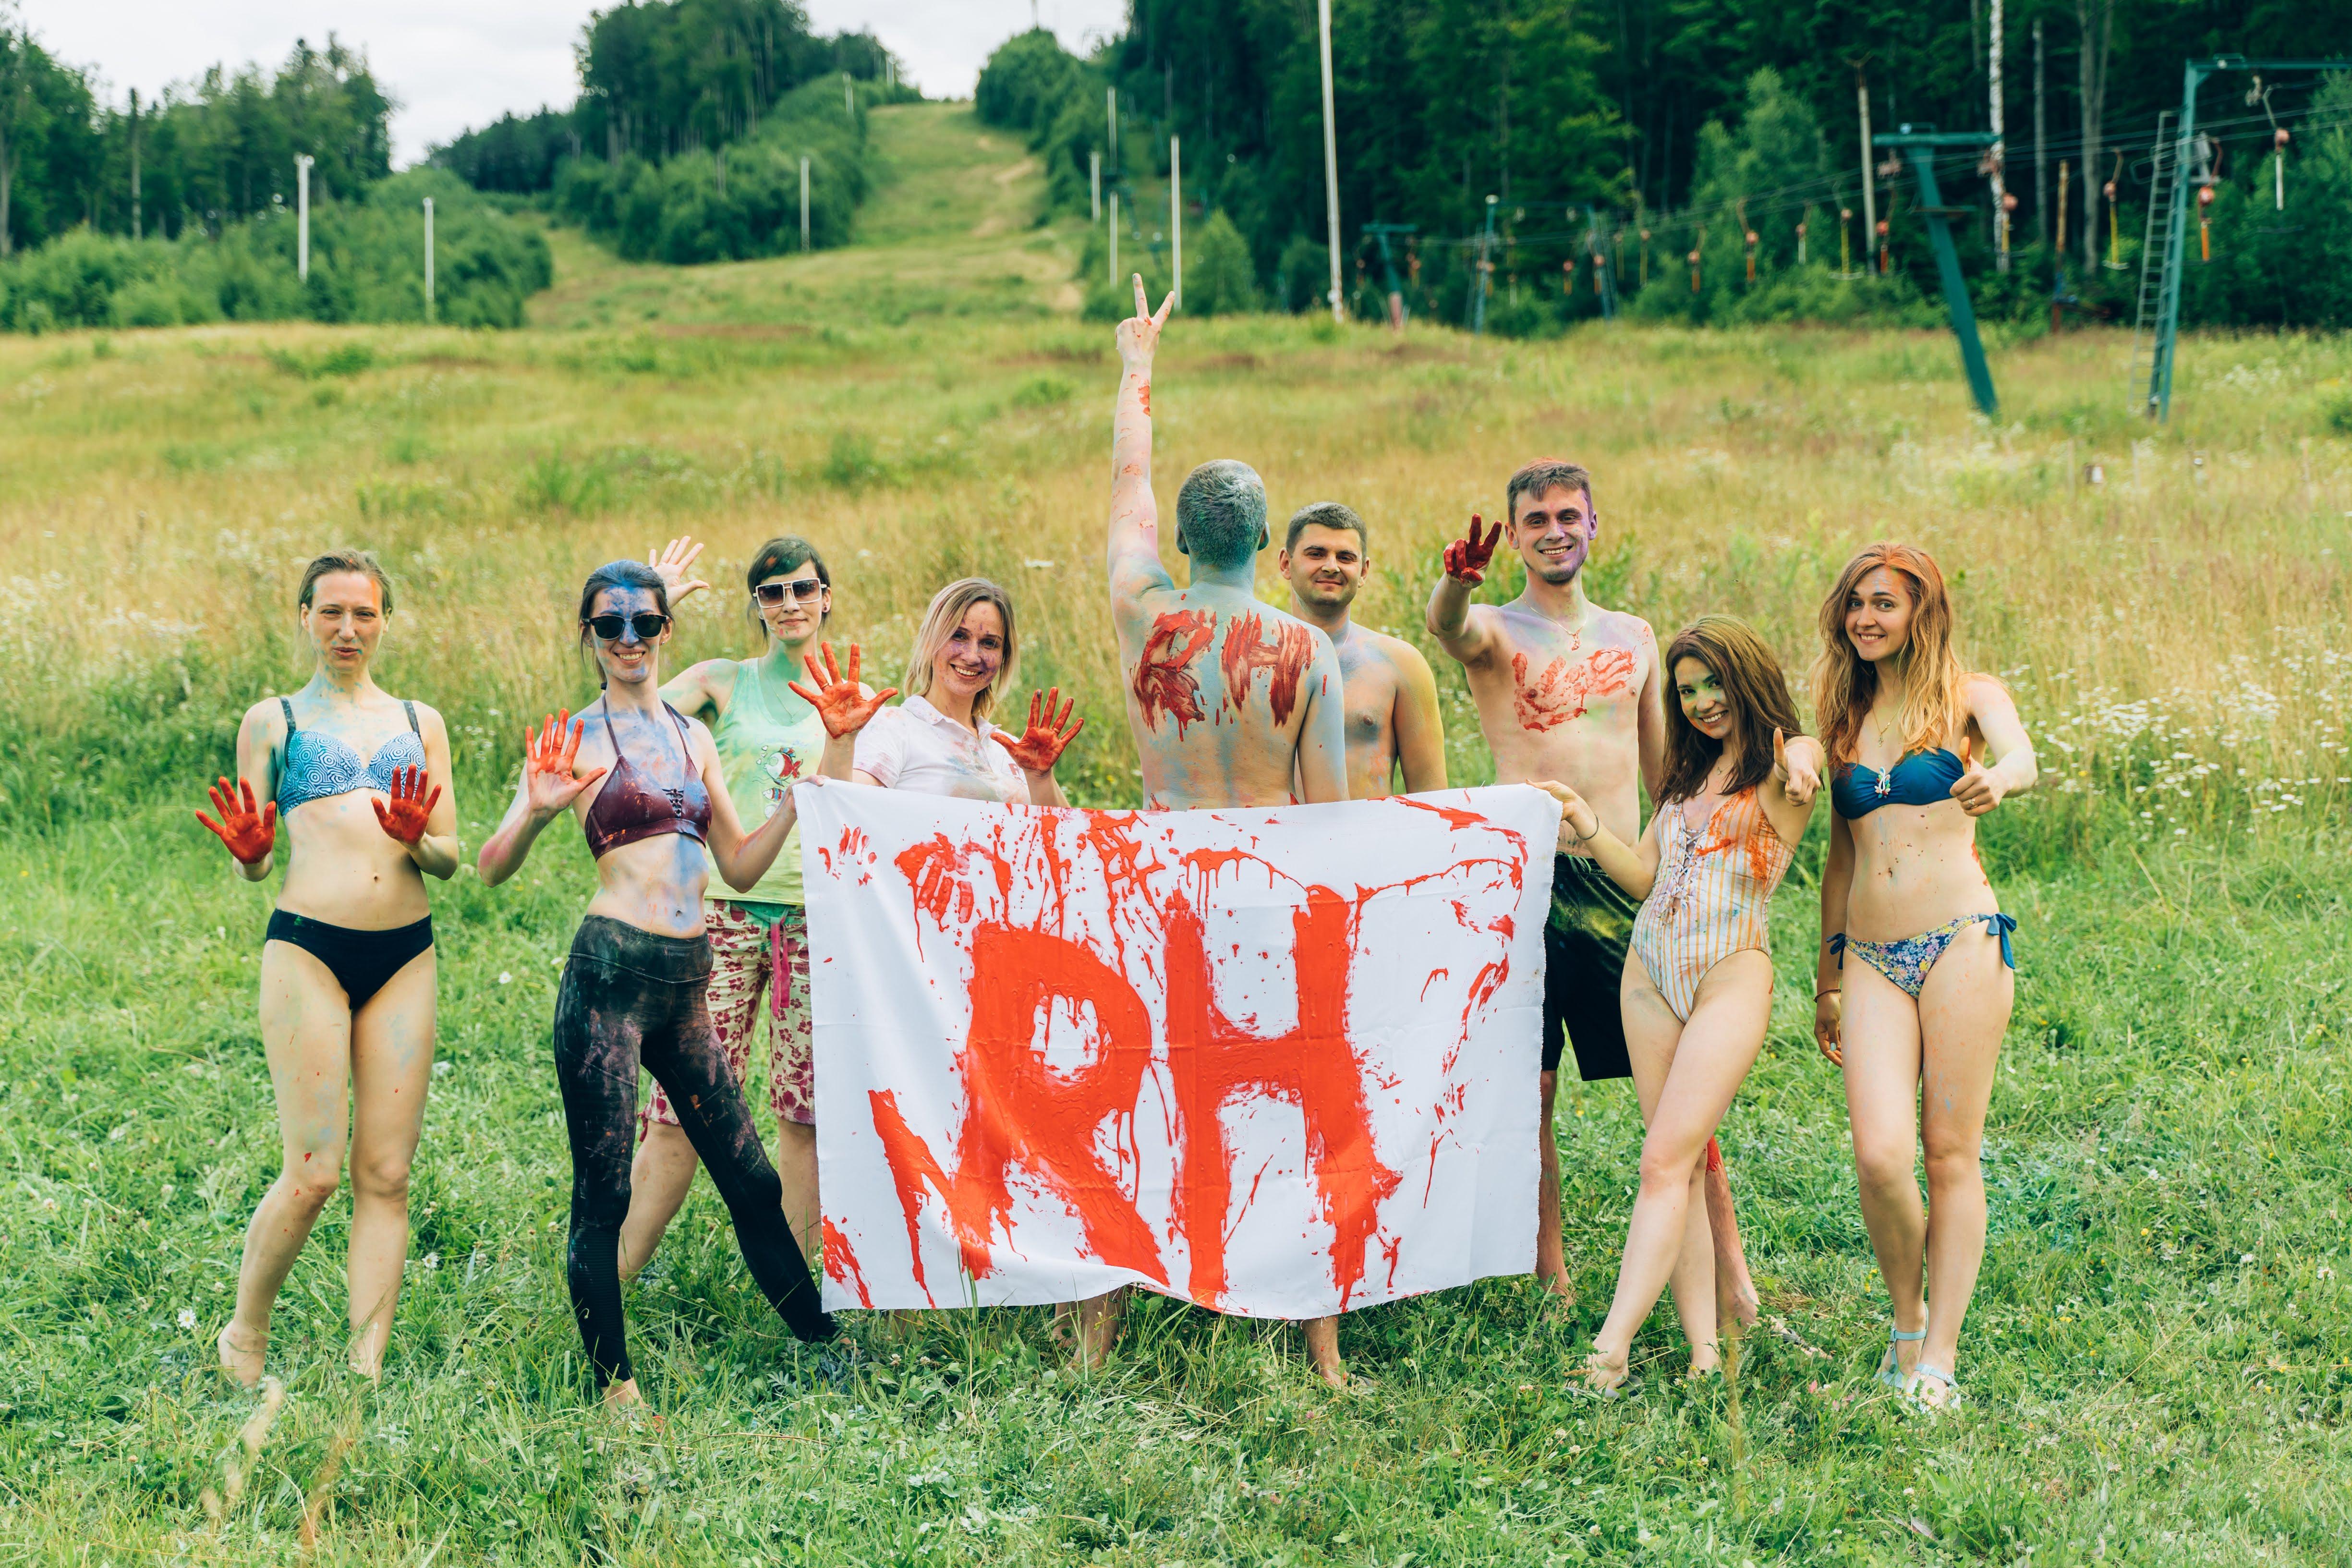 На зв'язку з природою та традиціями: корпоратив команди RH! - Команда RH